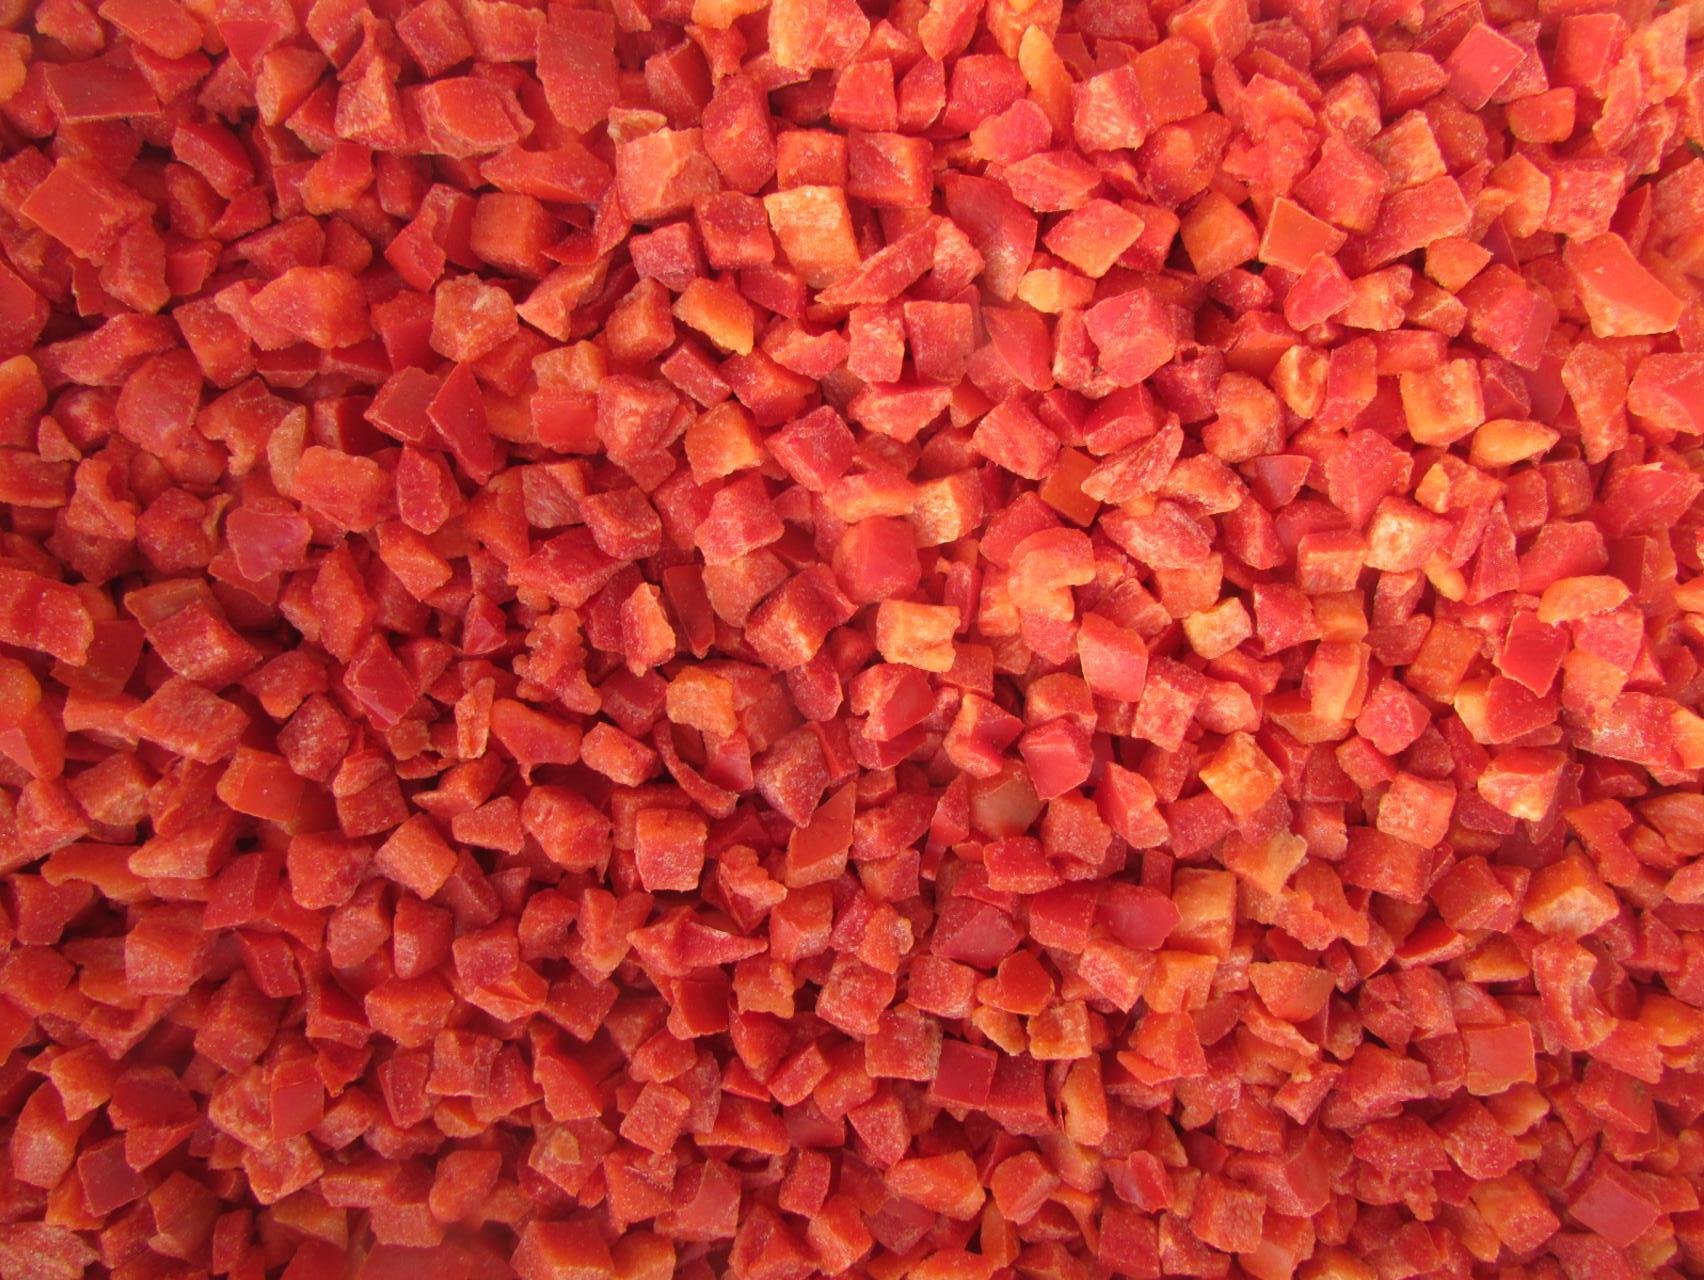 冷凍紅椒,速凍紅椒,絲/丁 1